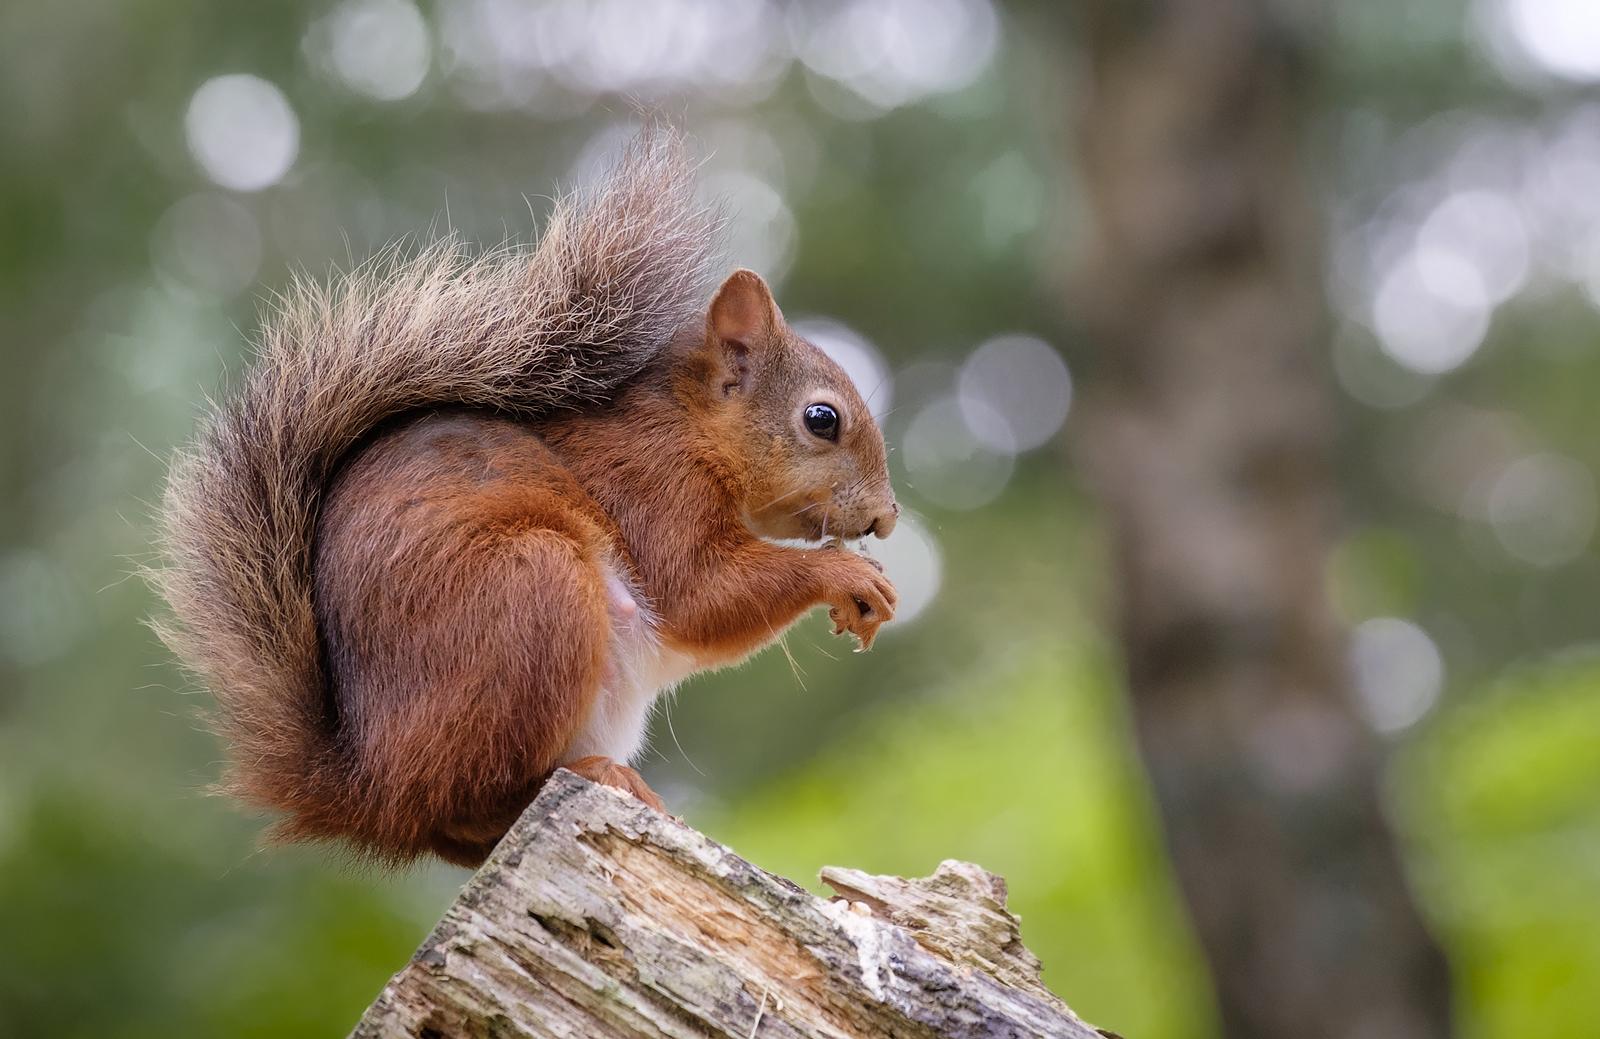 59a3eb0234a4d_SquirrelBokeh.jpg.e97a170b